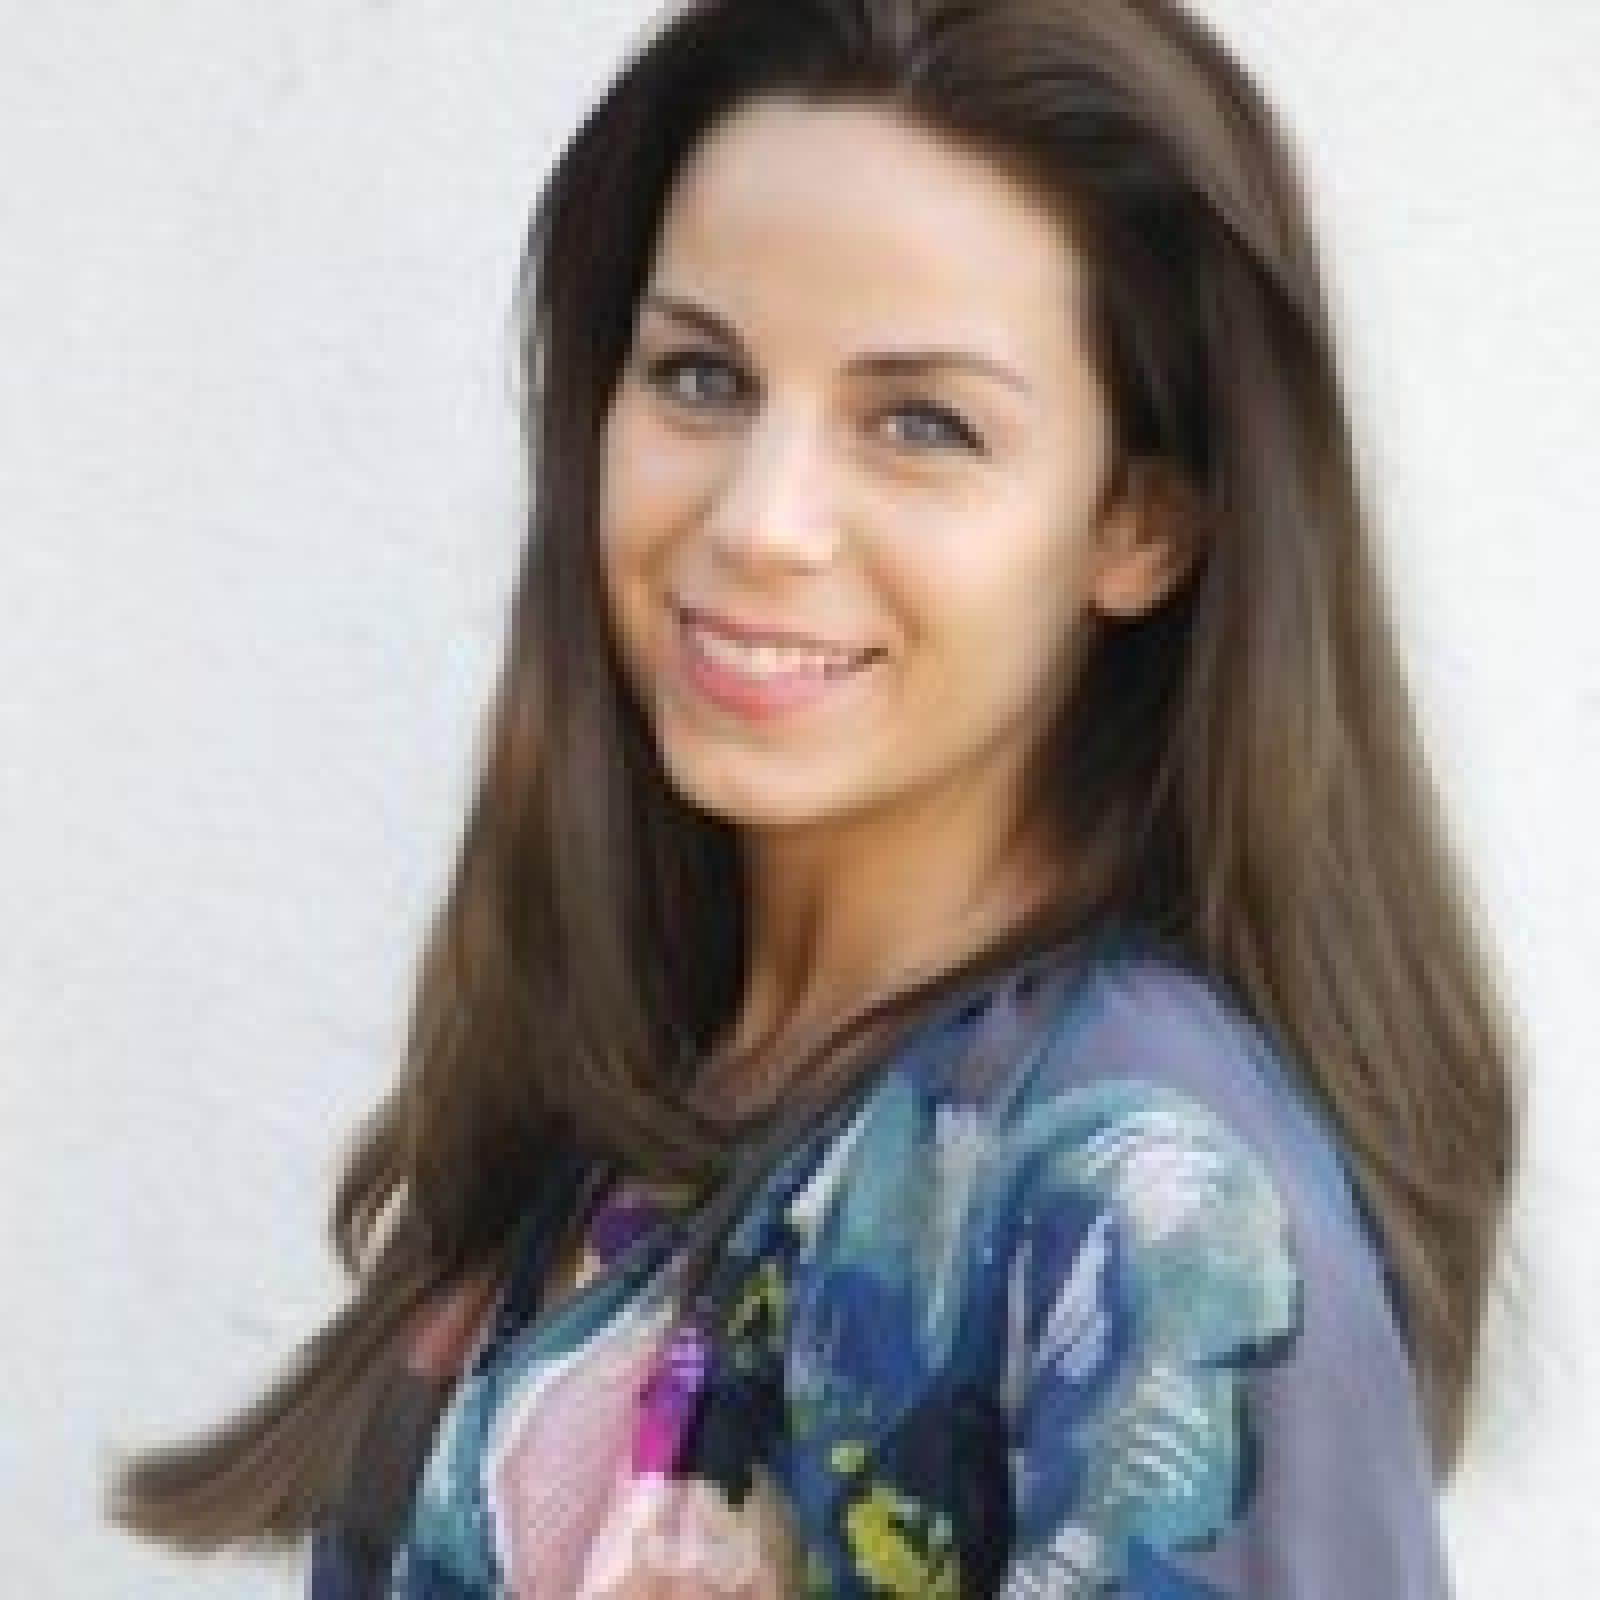 Joselynn photo